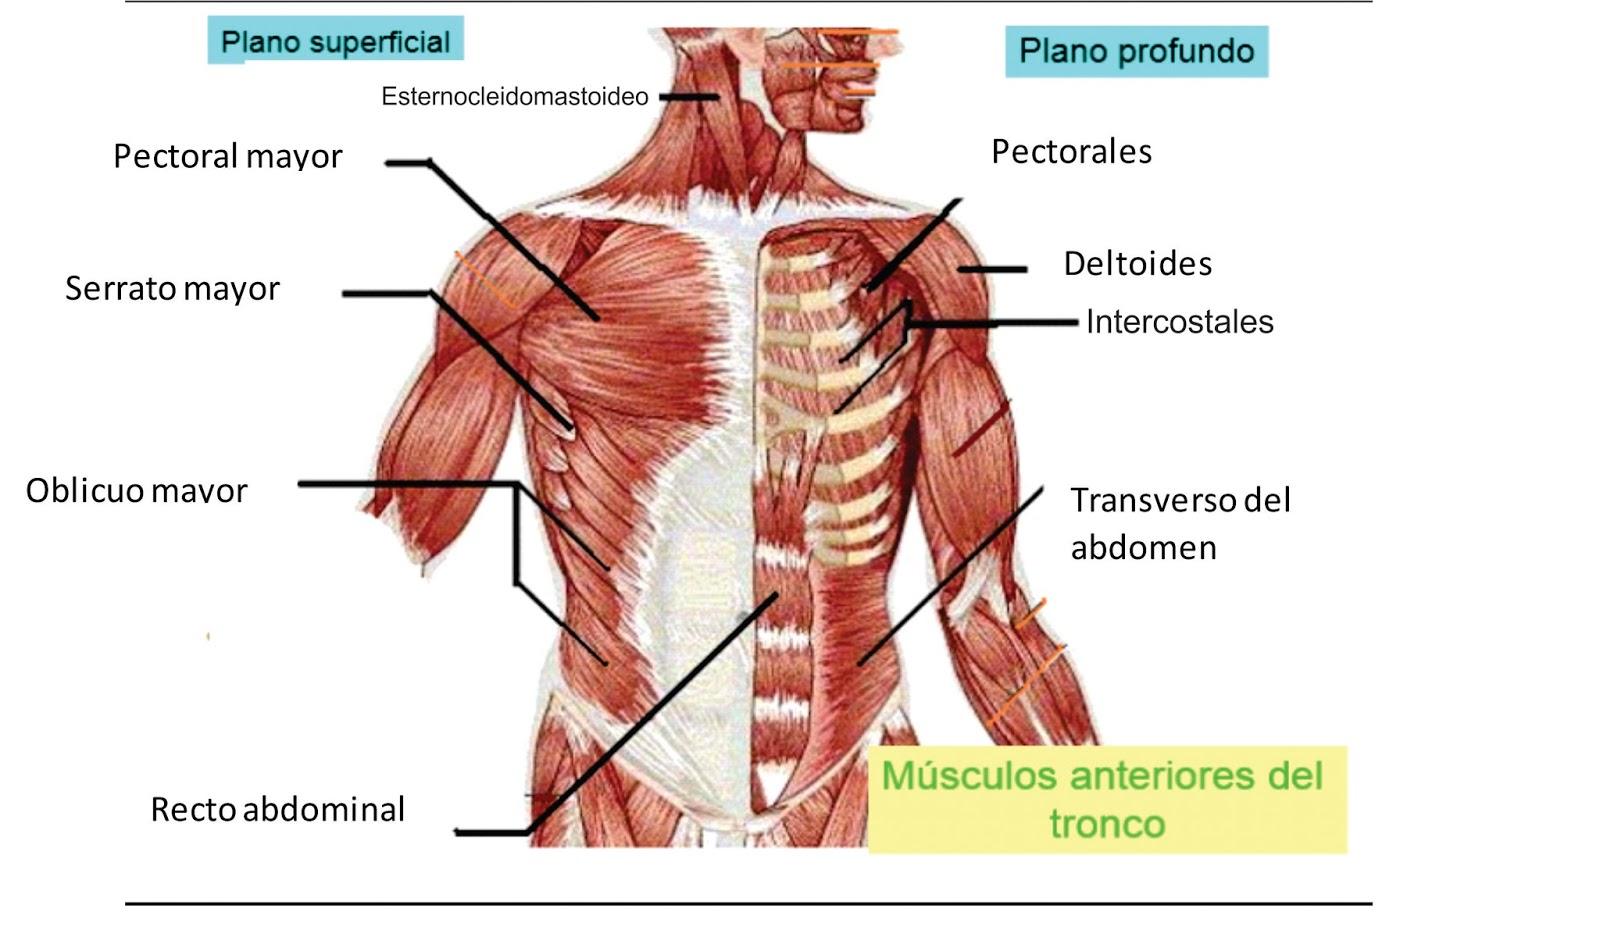 Lujoso Diagrama De Músculo Torso Friso - Anatomía de Las Imágenesdel ...